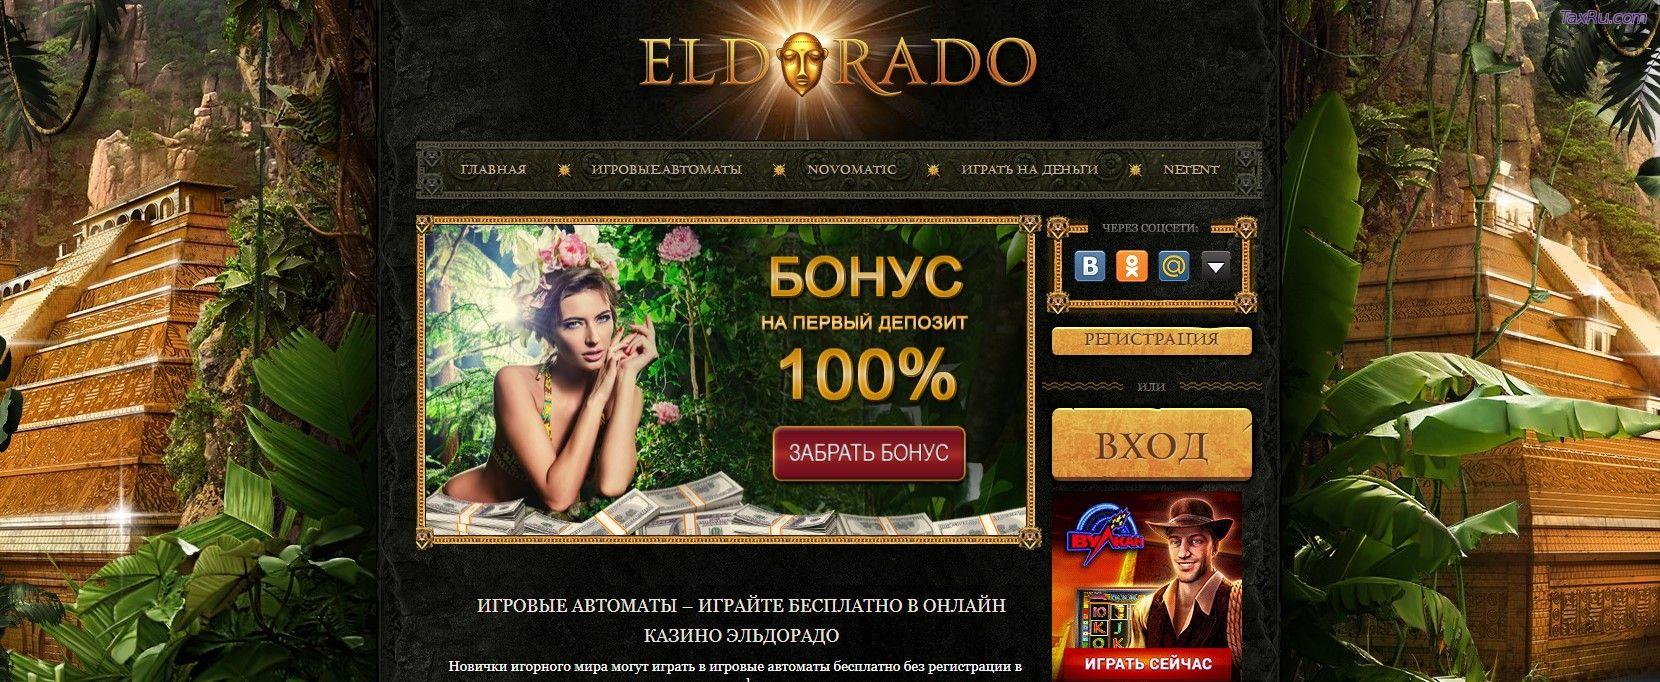 эльдорадо интернет казино